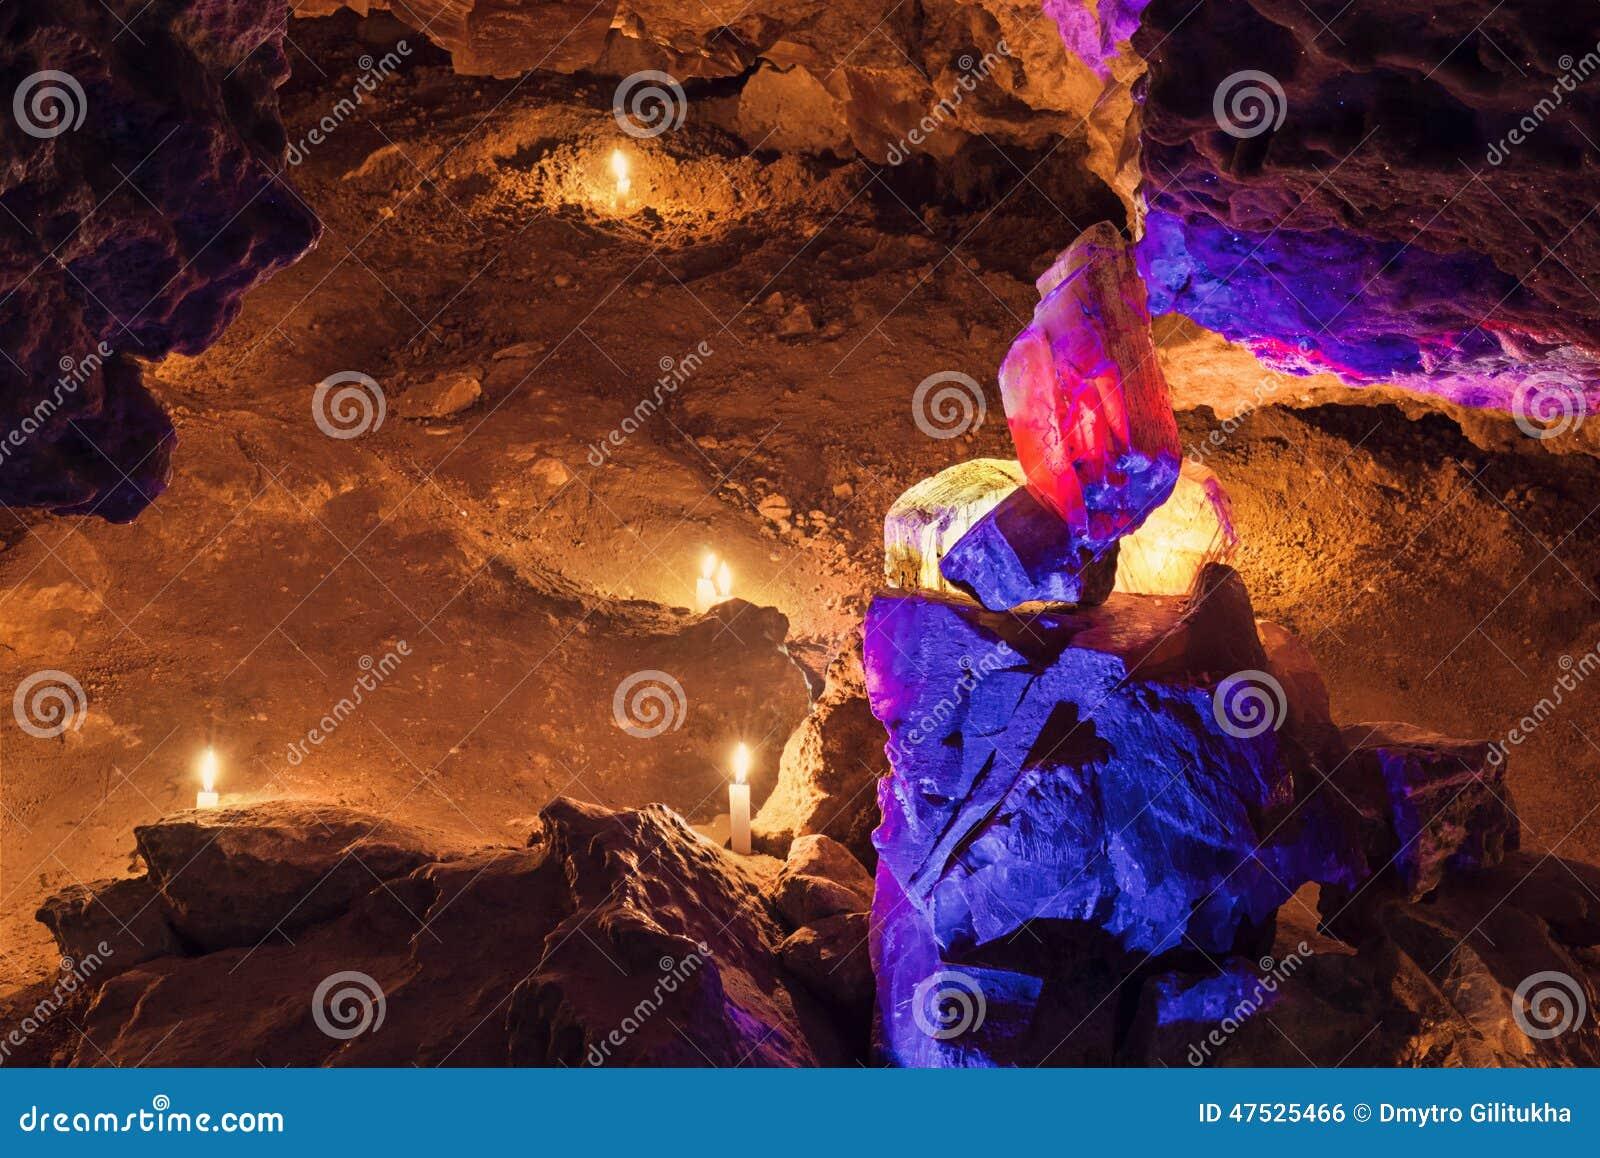 Duży rewolucjonistki i koloru żółtego crysta w jamie Mlynky jama, Ukraina